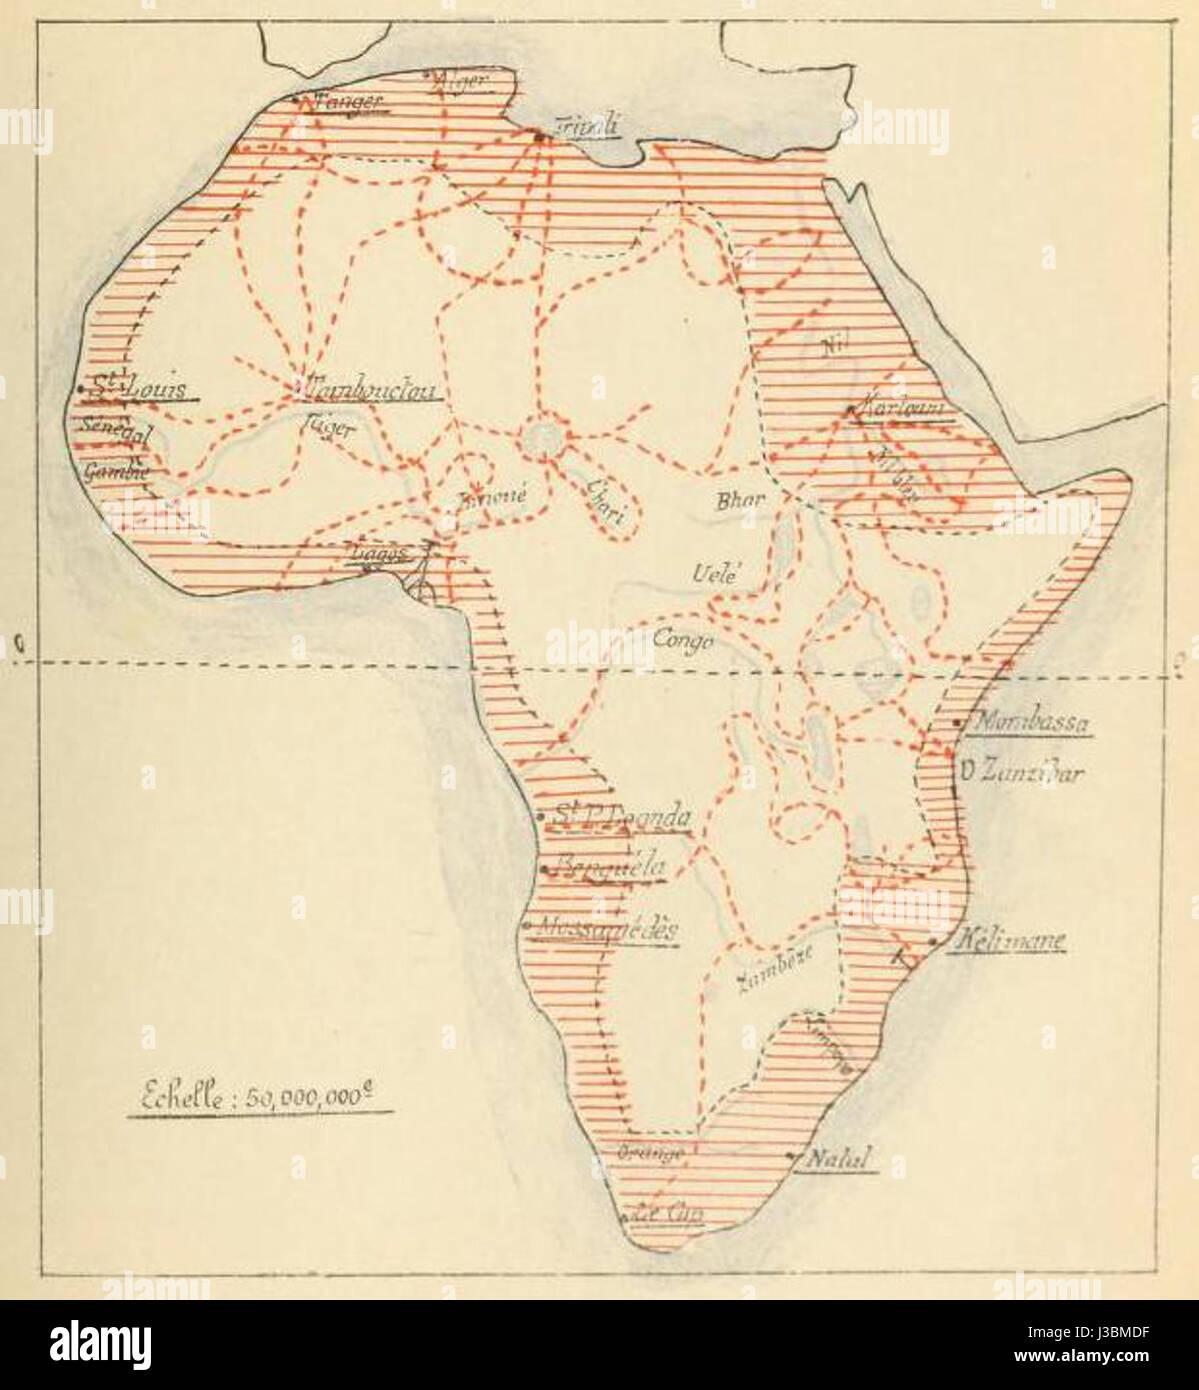 Etat des connaissances sur lAfrique en 1876 - Stock Image